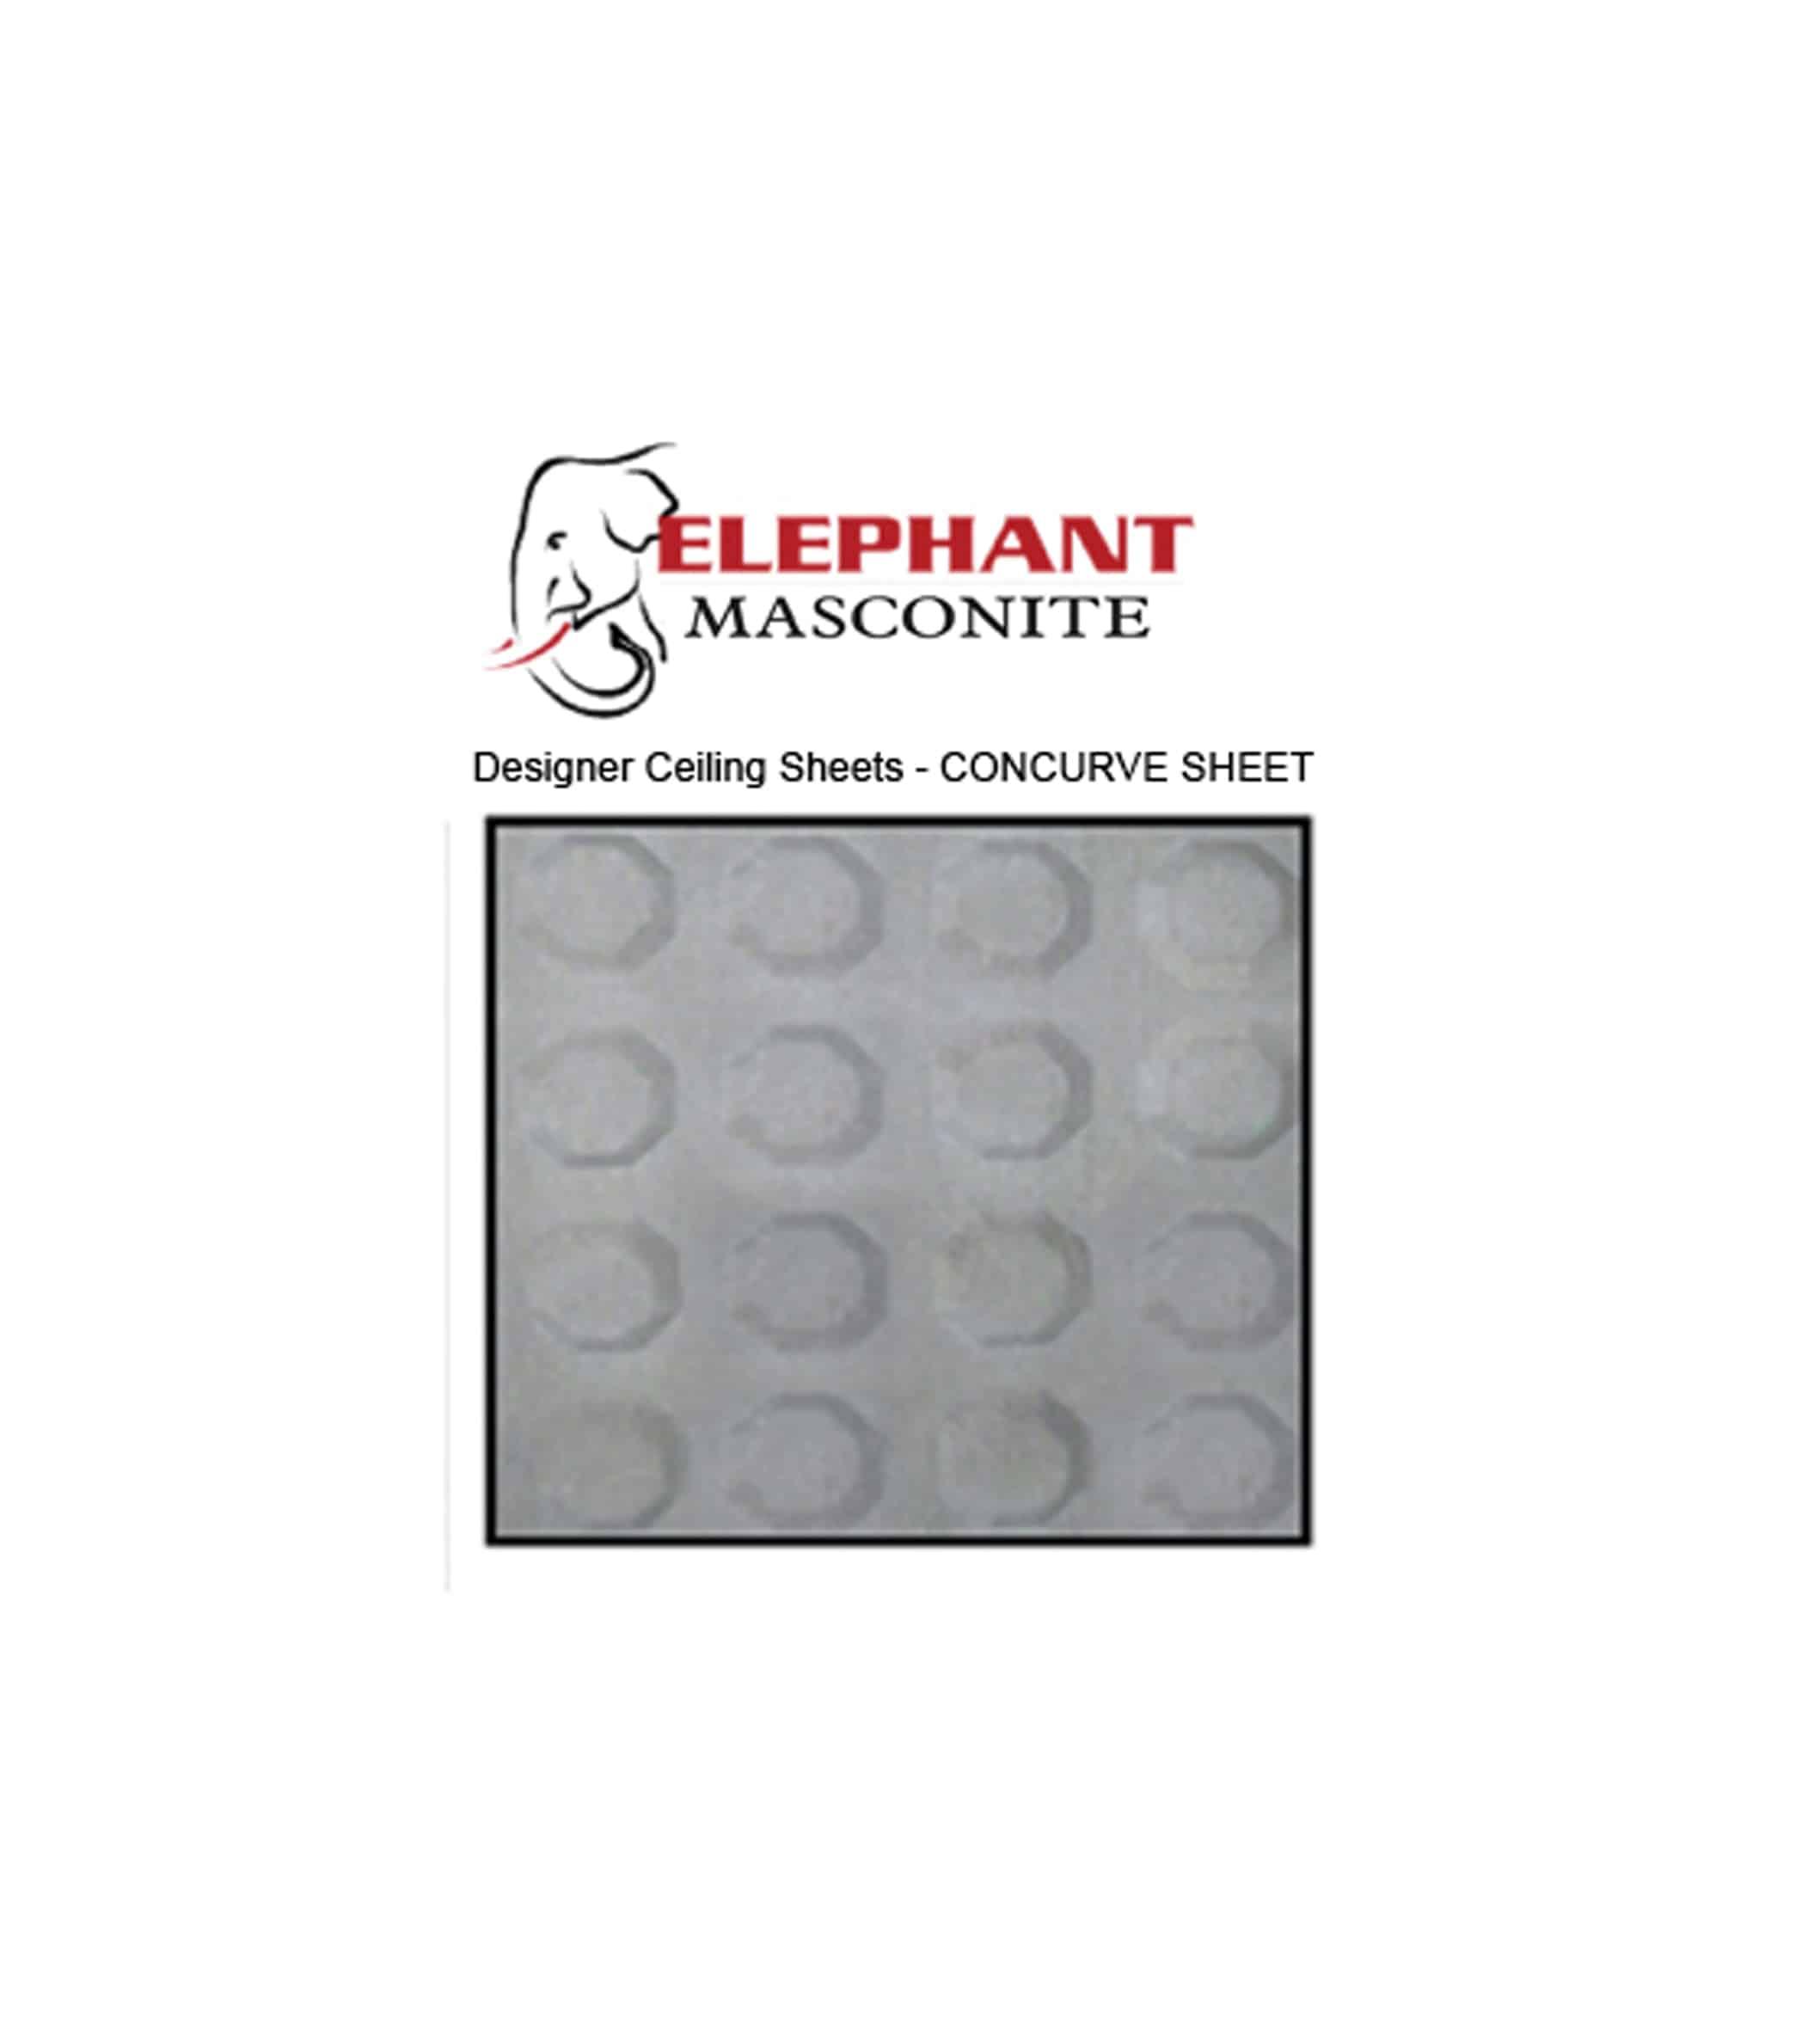 Elephant Masconite Ceiling Sheet in Sri Lanka